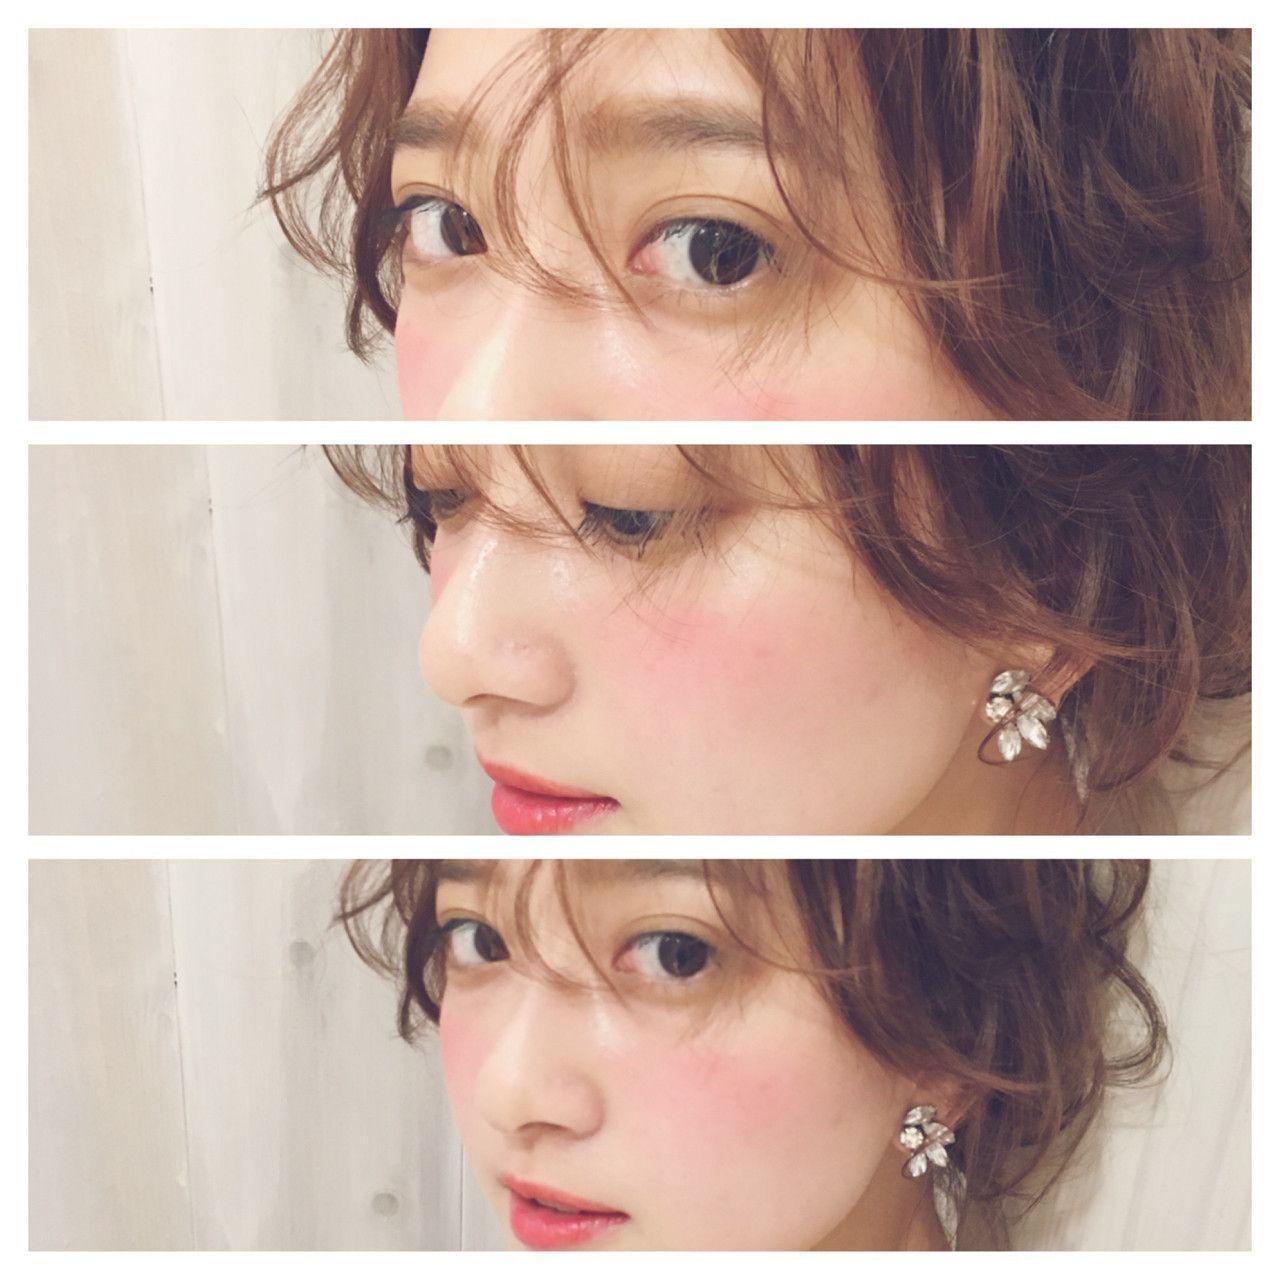 マスターしたい♡【クリニーク】の肌タイプ別化粧水まとめの2枚目の画像